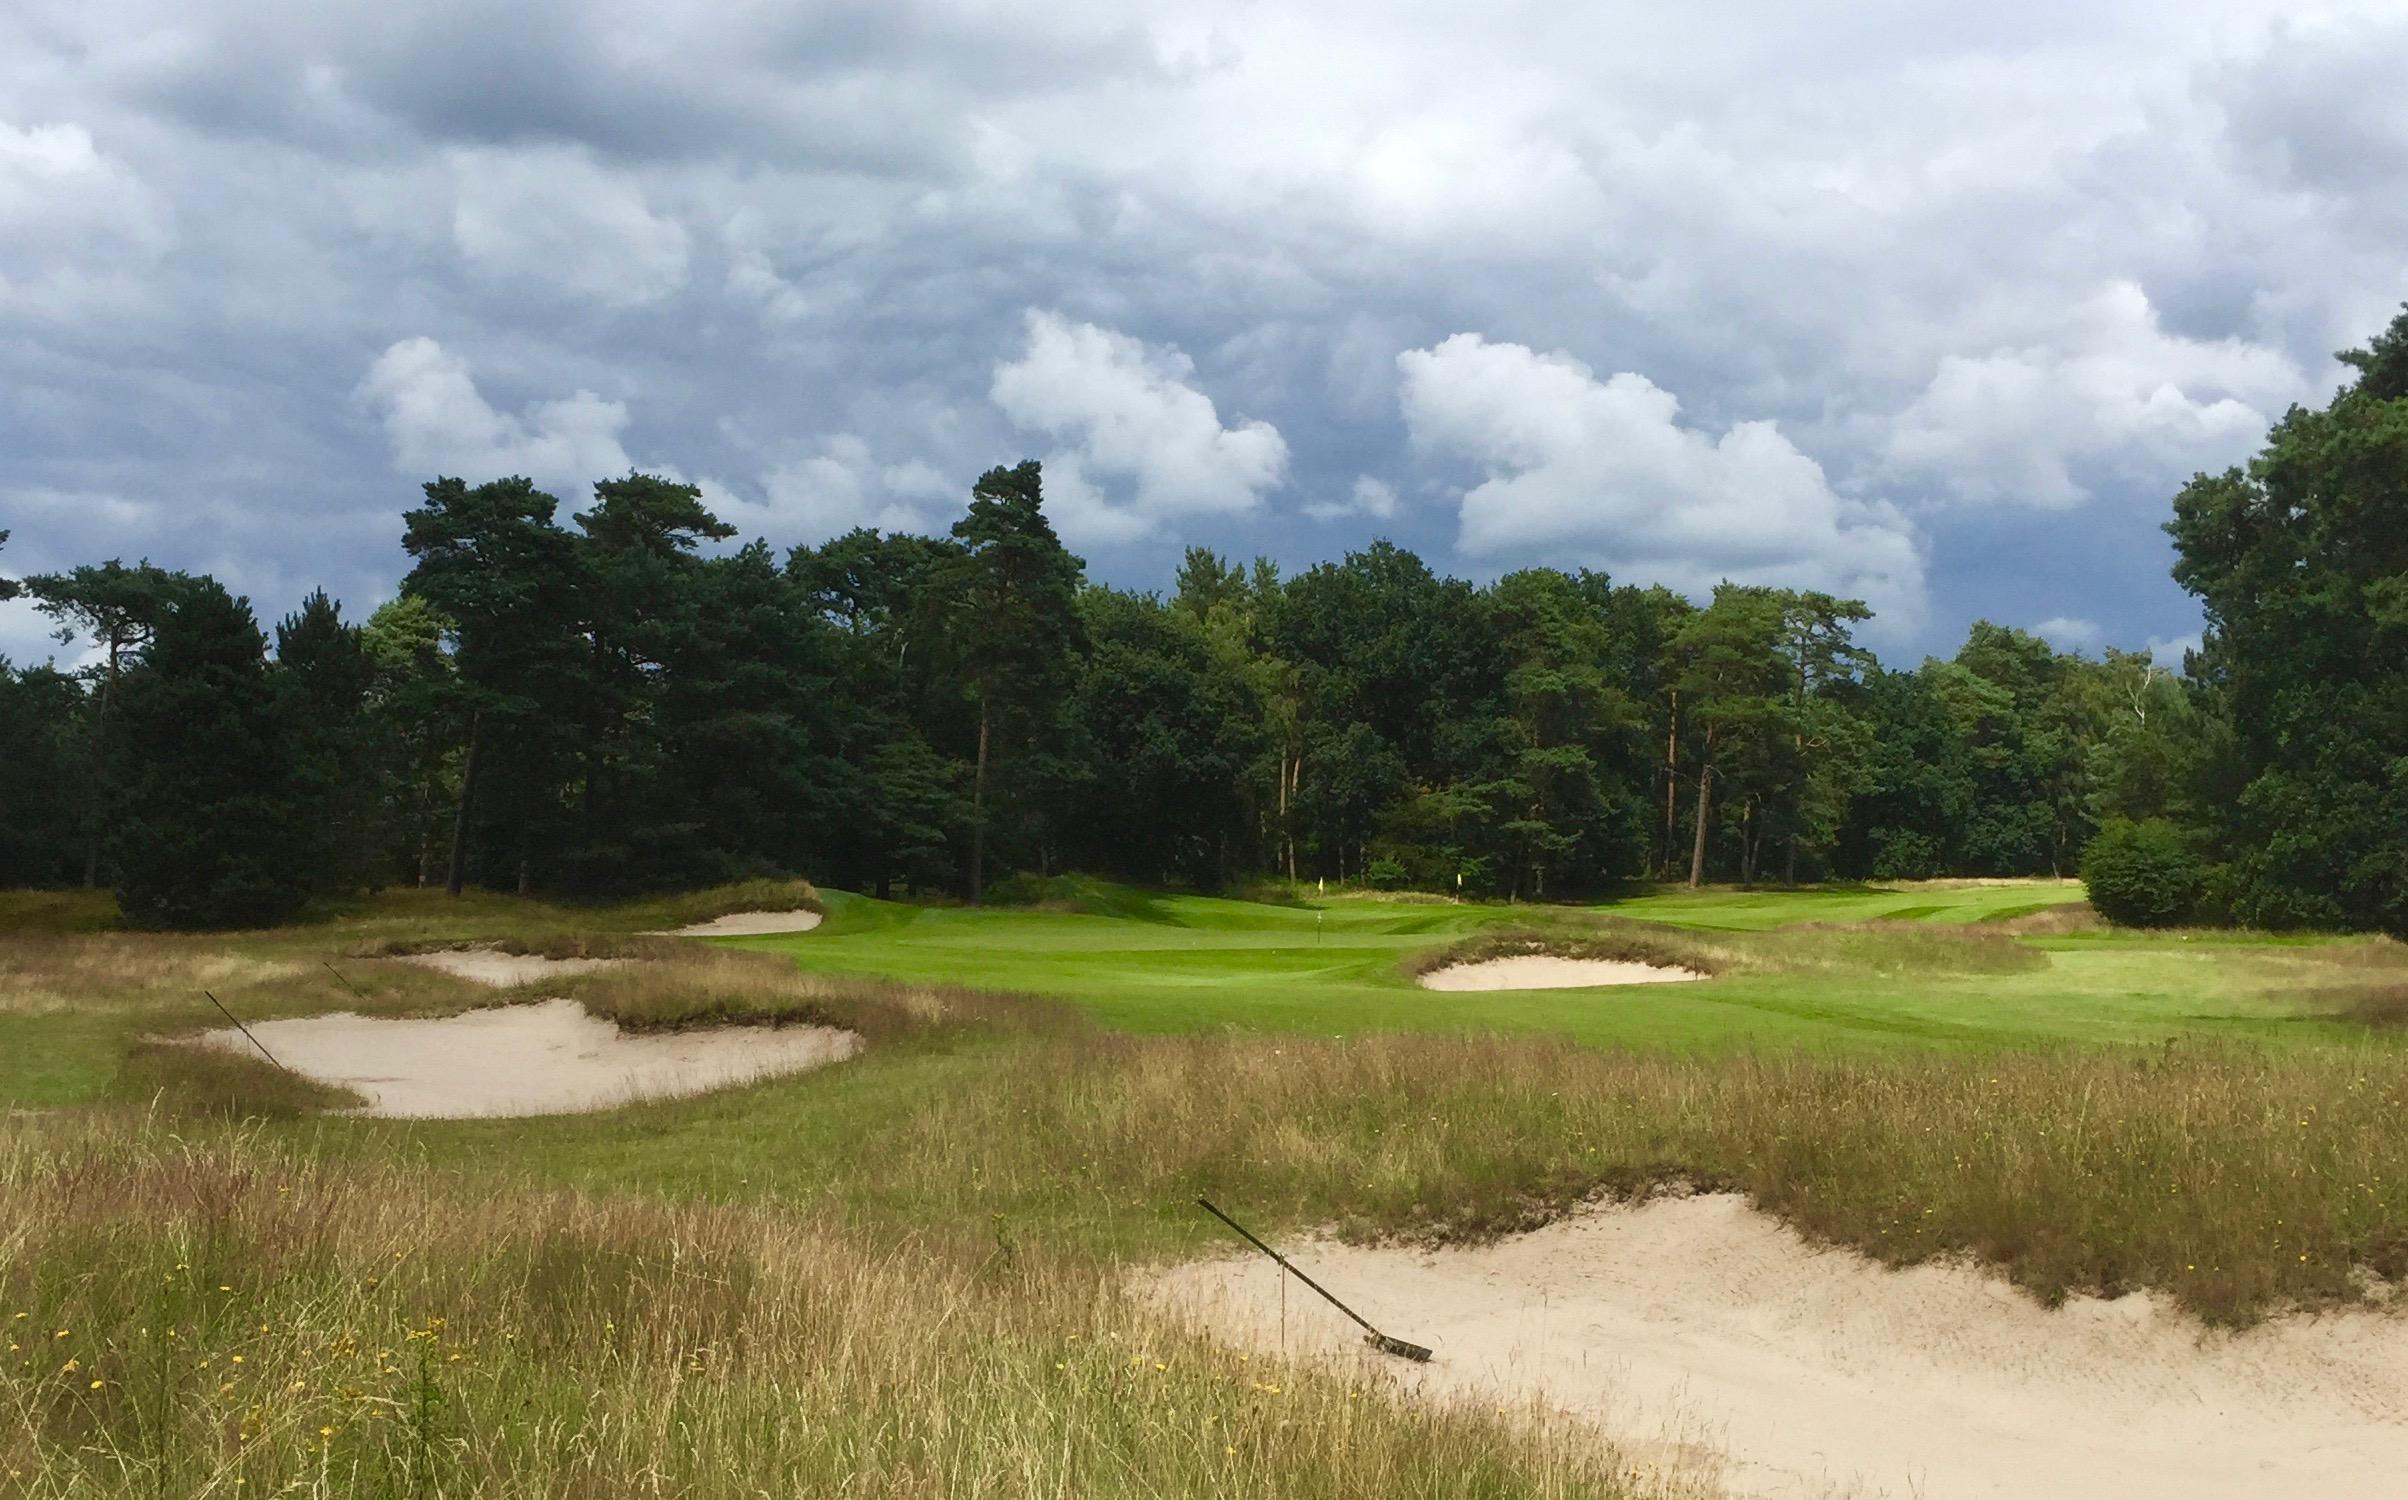 Utrechtse Golf Club 'de Pan'